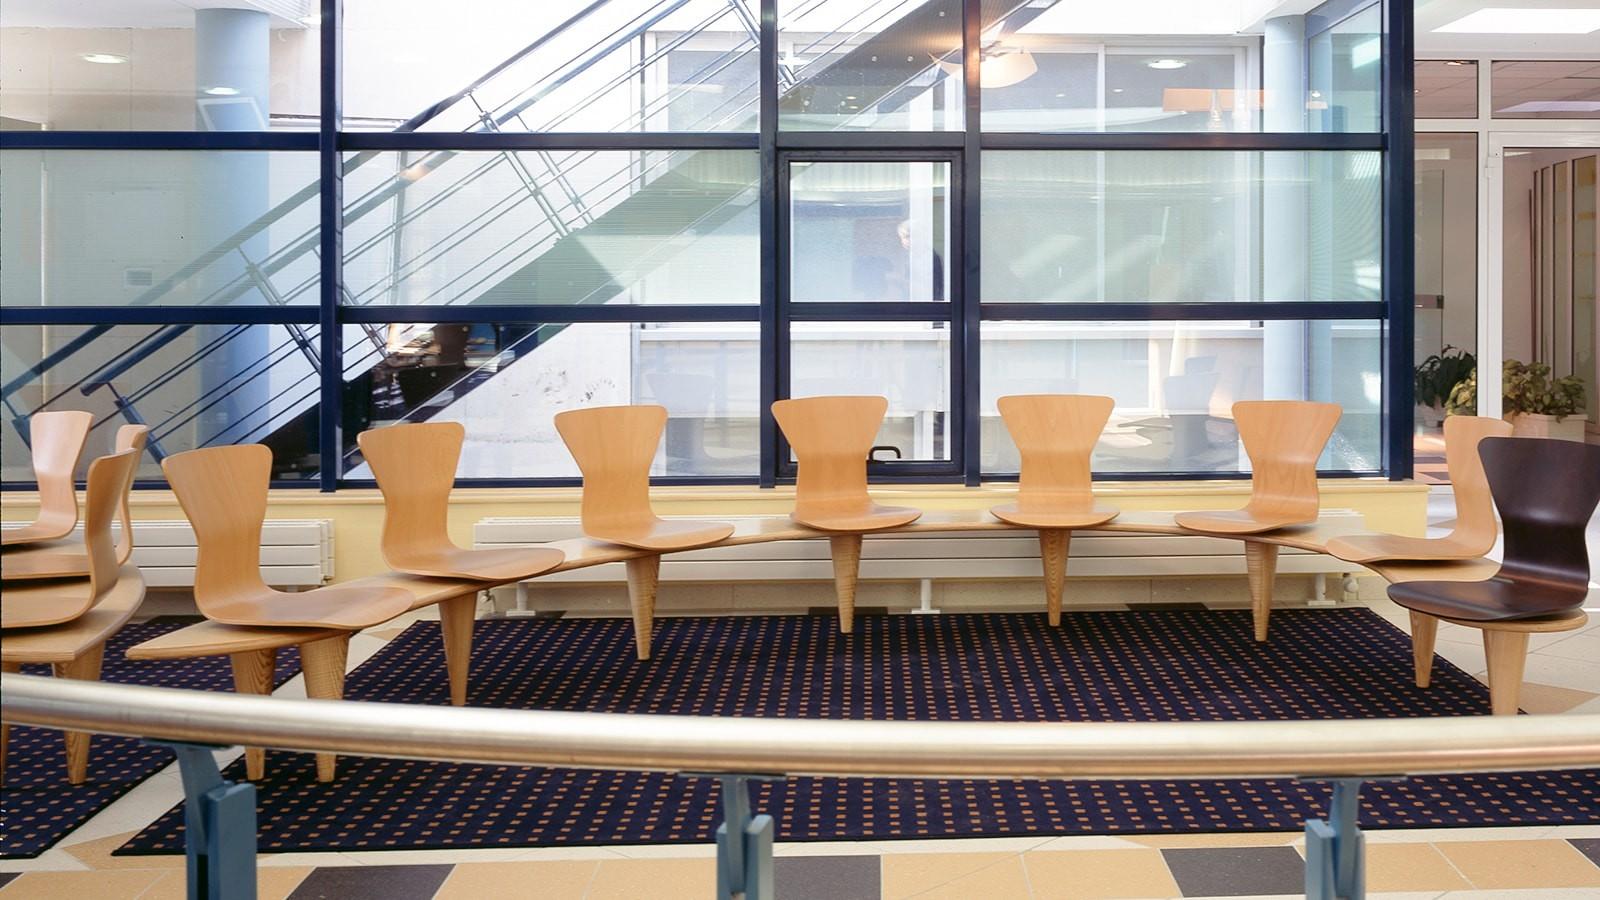 EFI Design Caf Anjou Efi Design (3) 1120